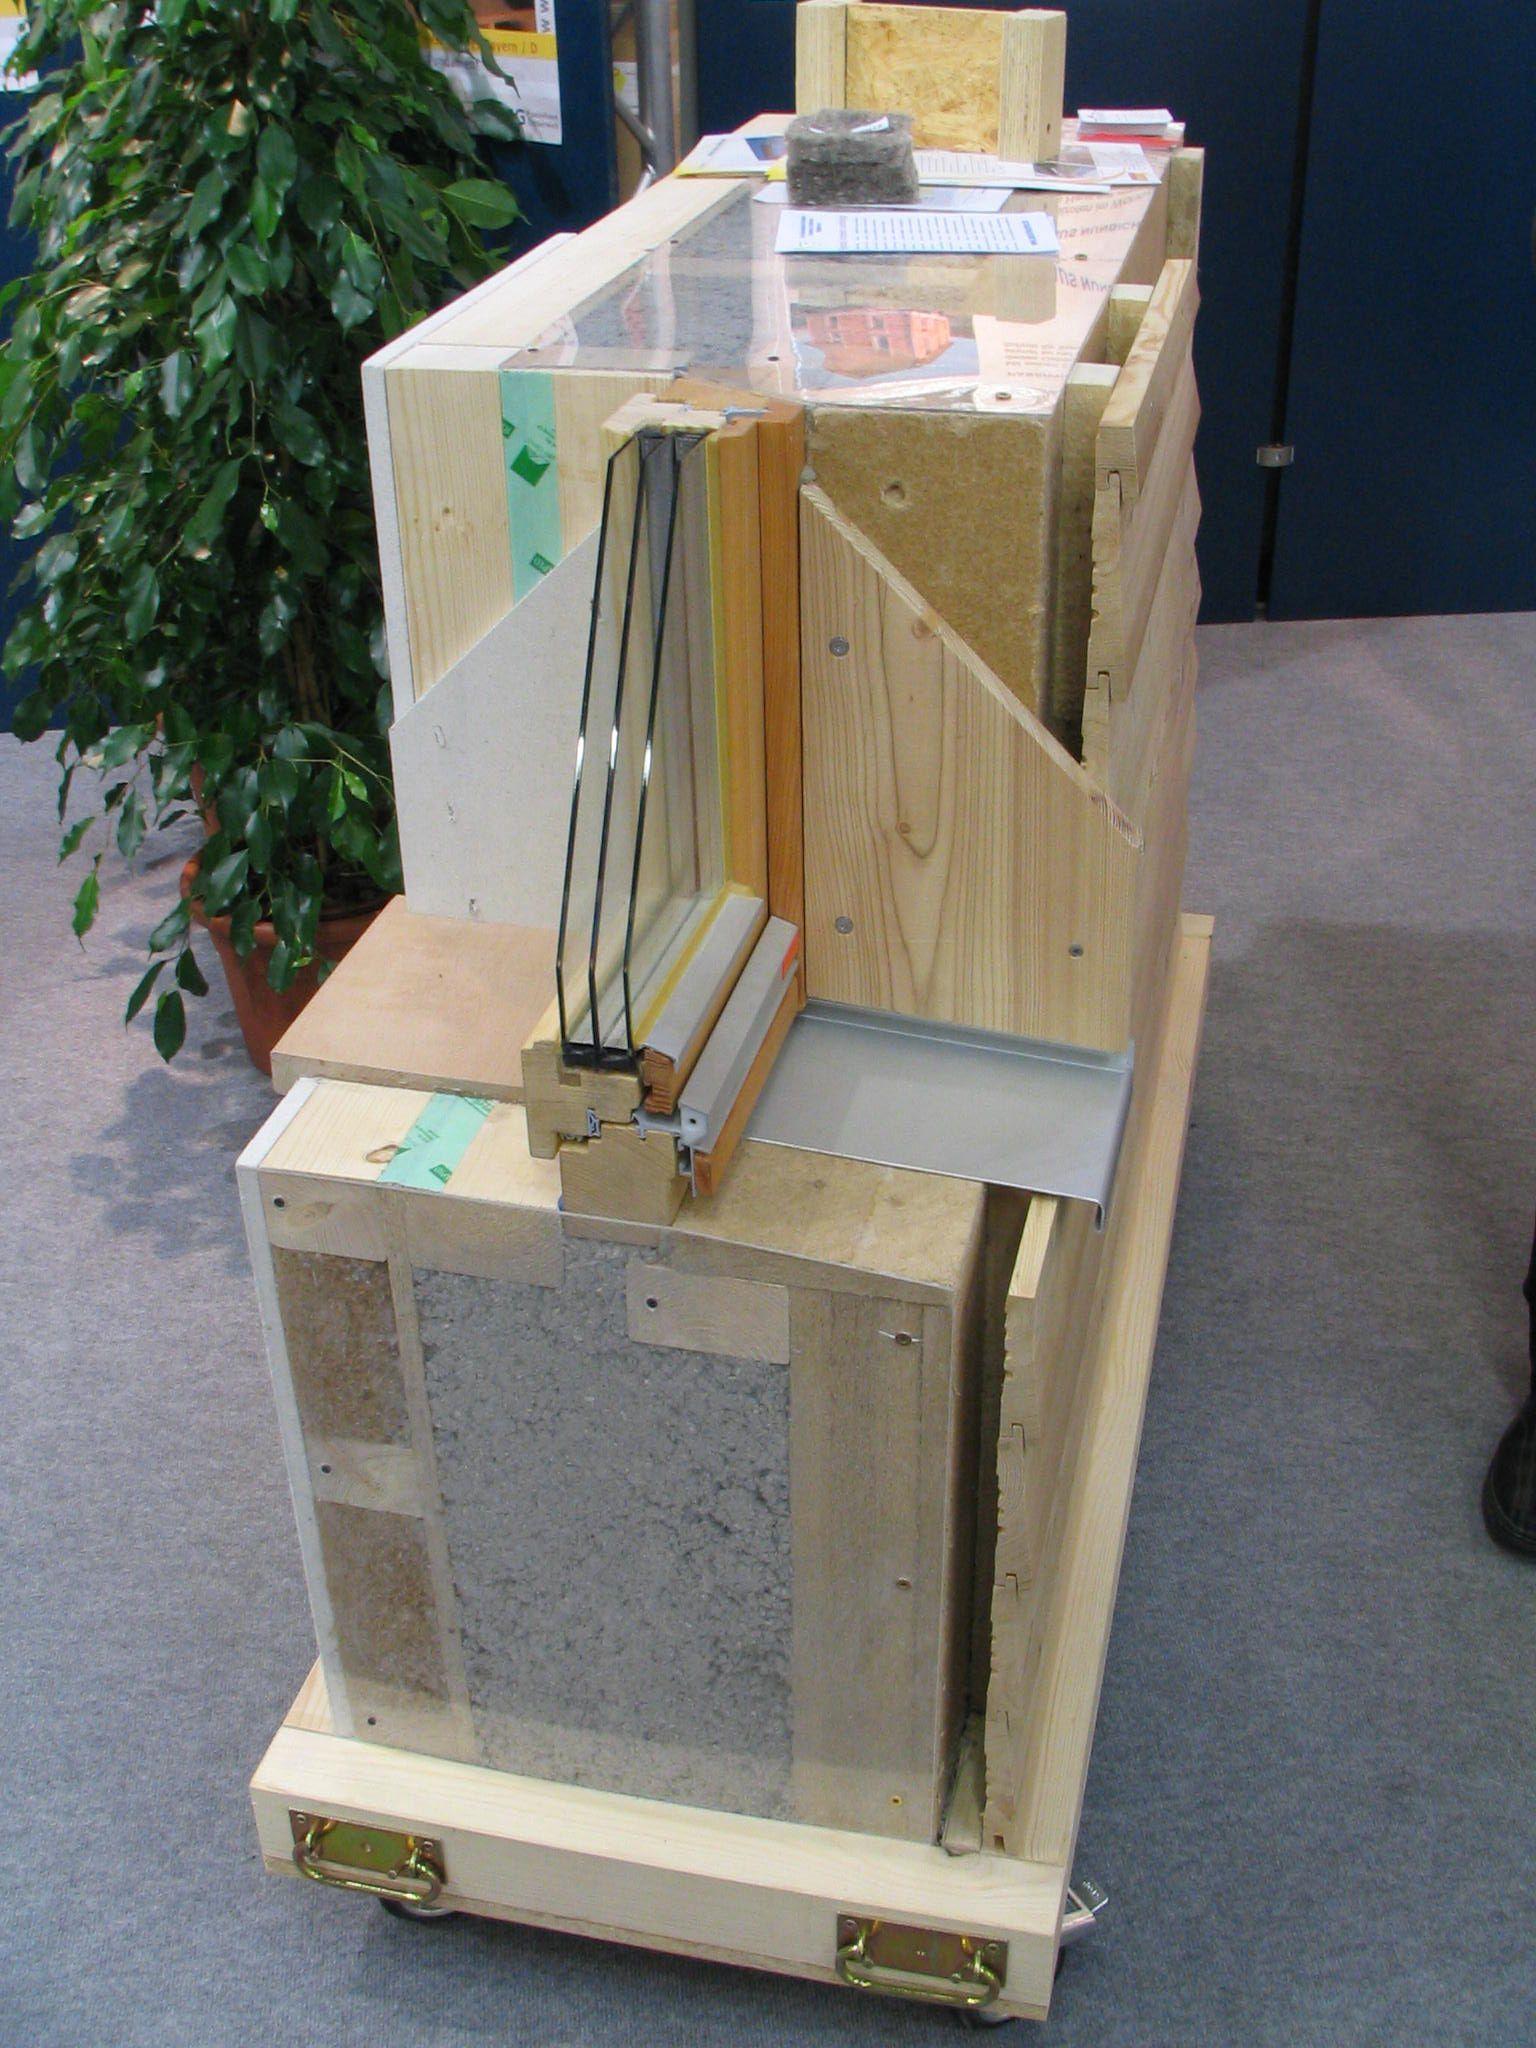 Pin von Markus Hiltscher auf architecture - construction | Pinterest ...